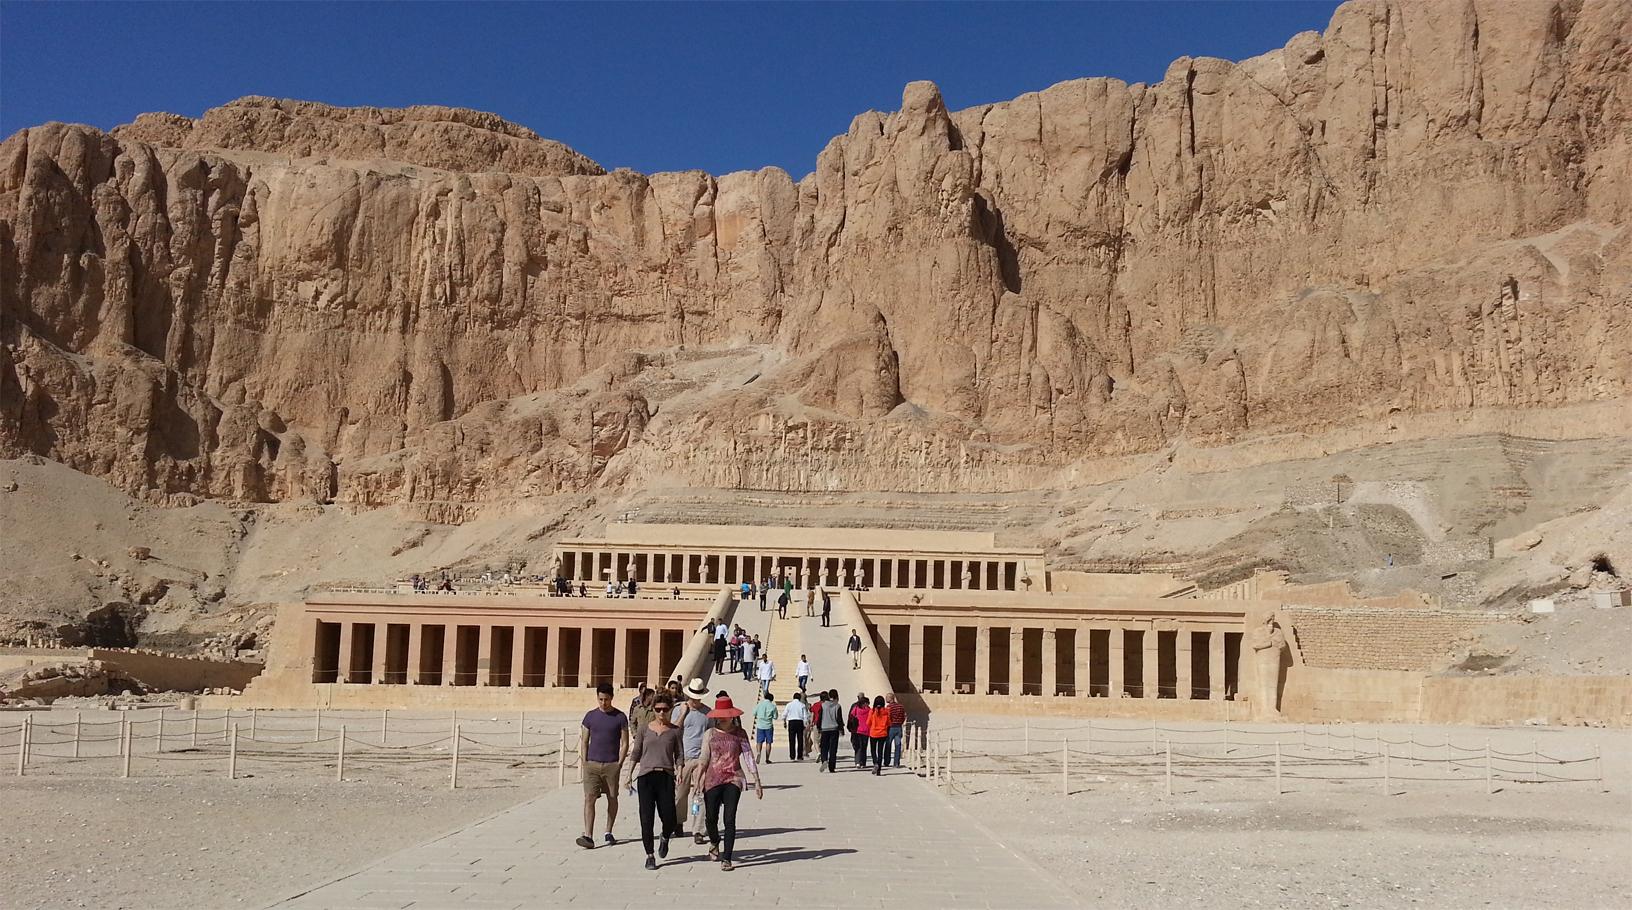 Deir el Bahari Hatshepsut temple